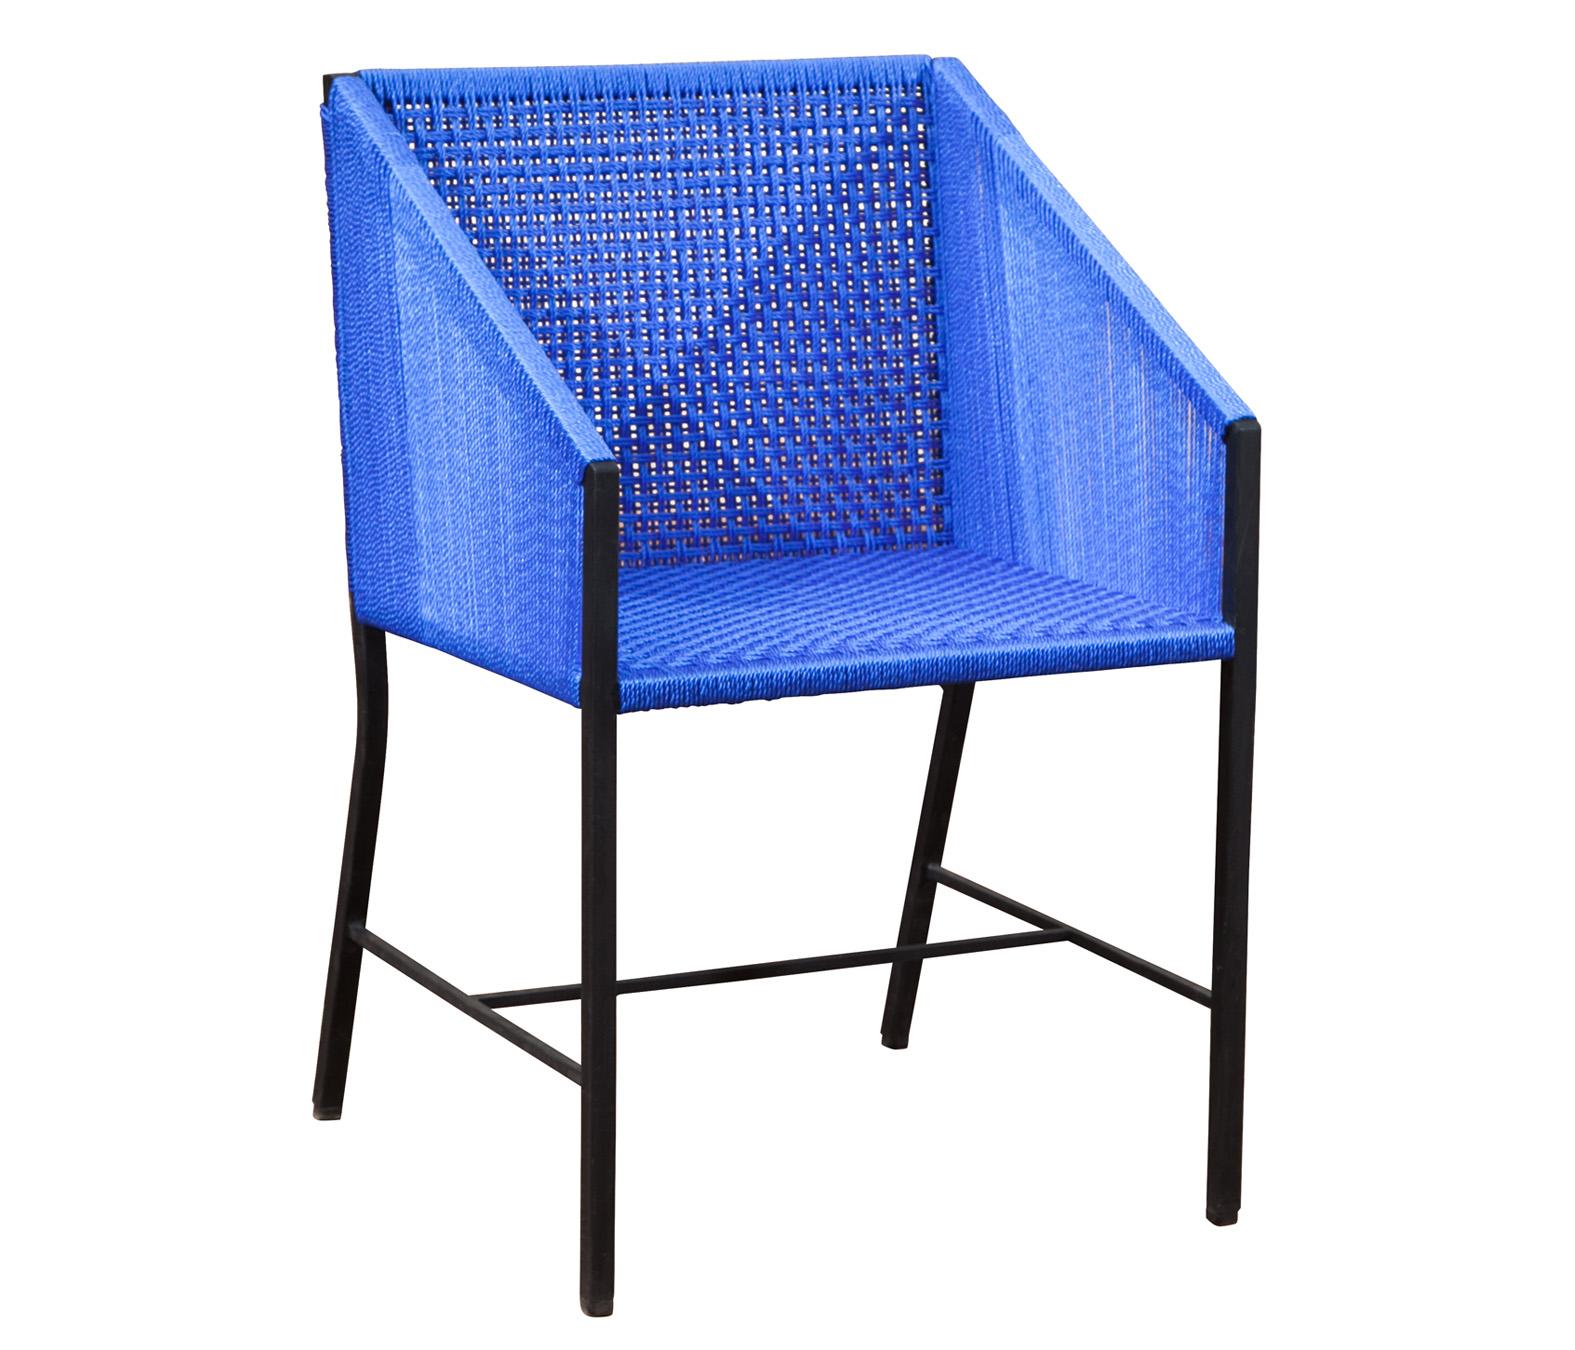 KINTANA bleu